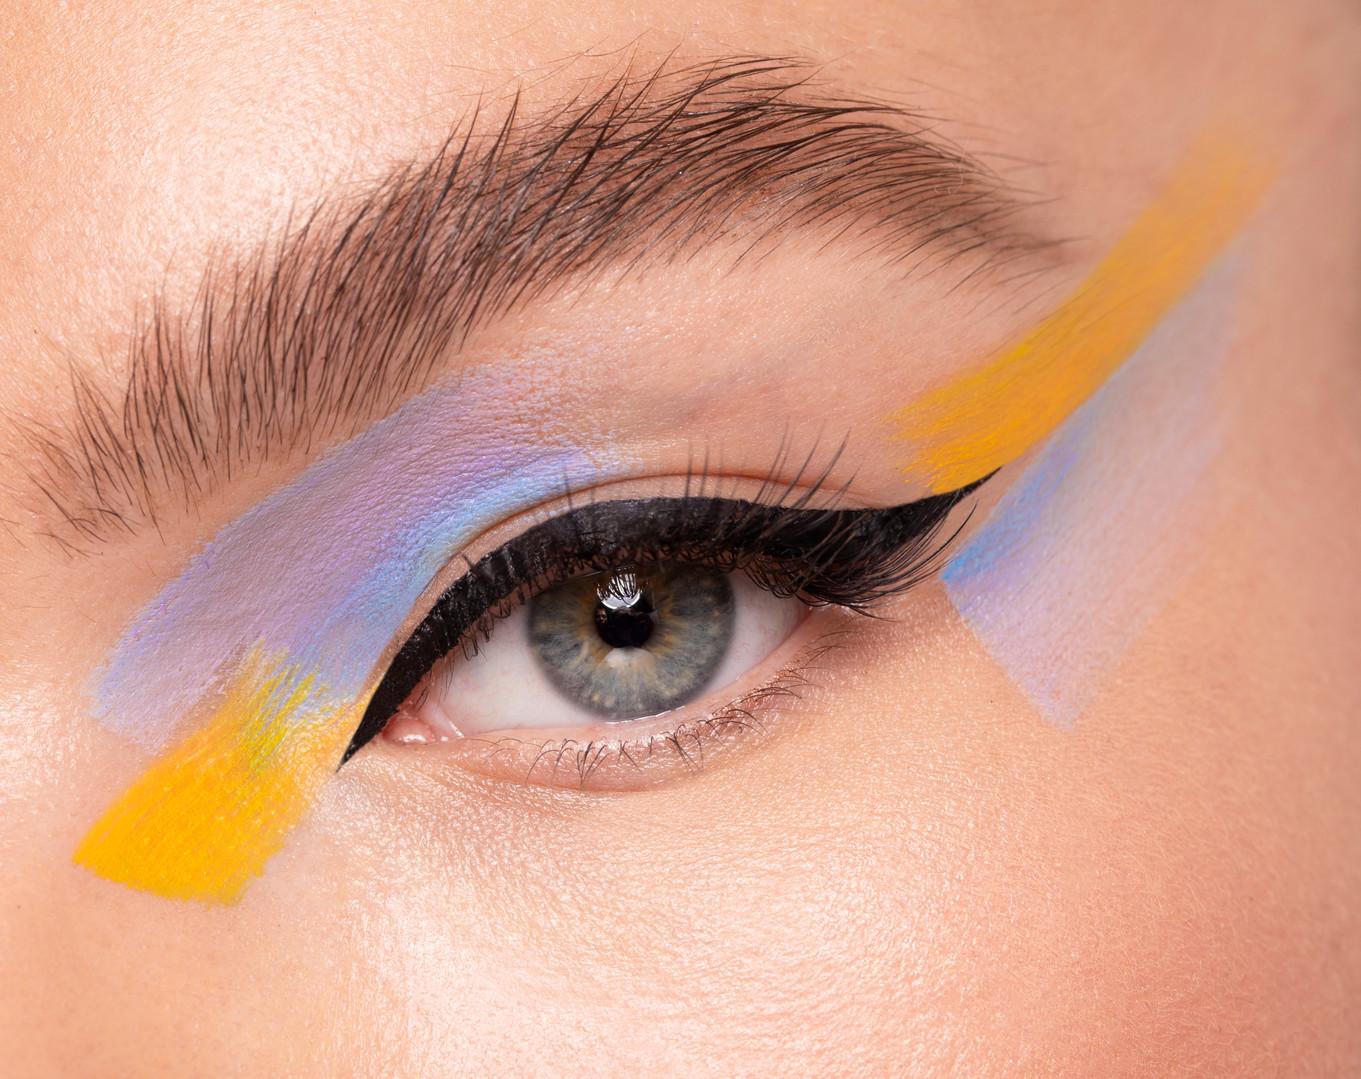 Liz T paint eye 2.jpg